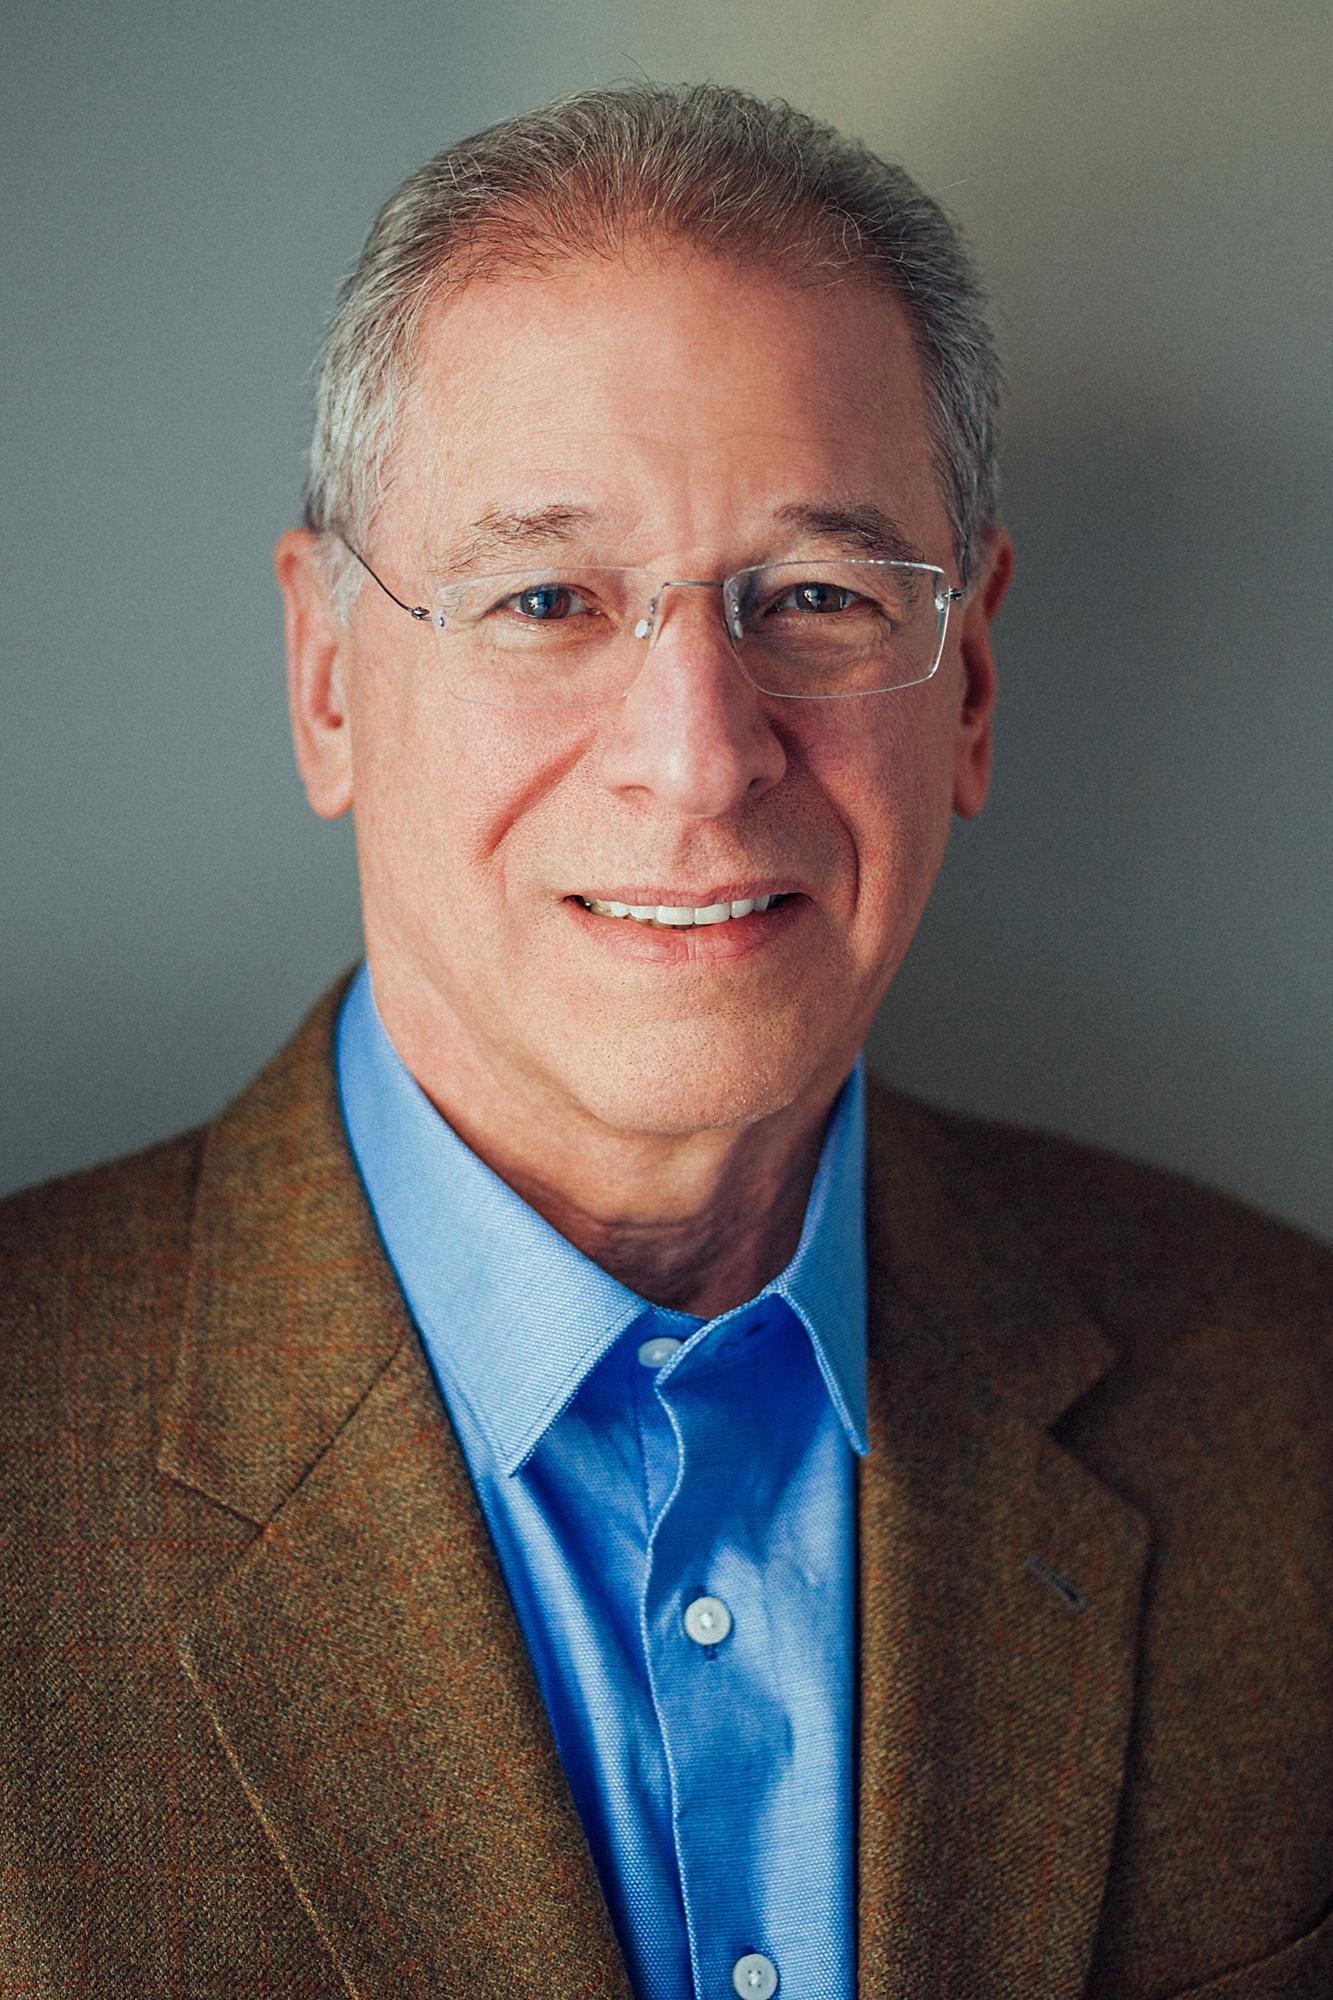 Dan Hoberman